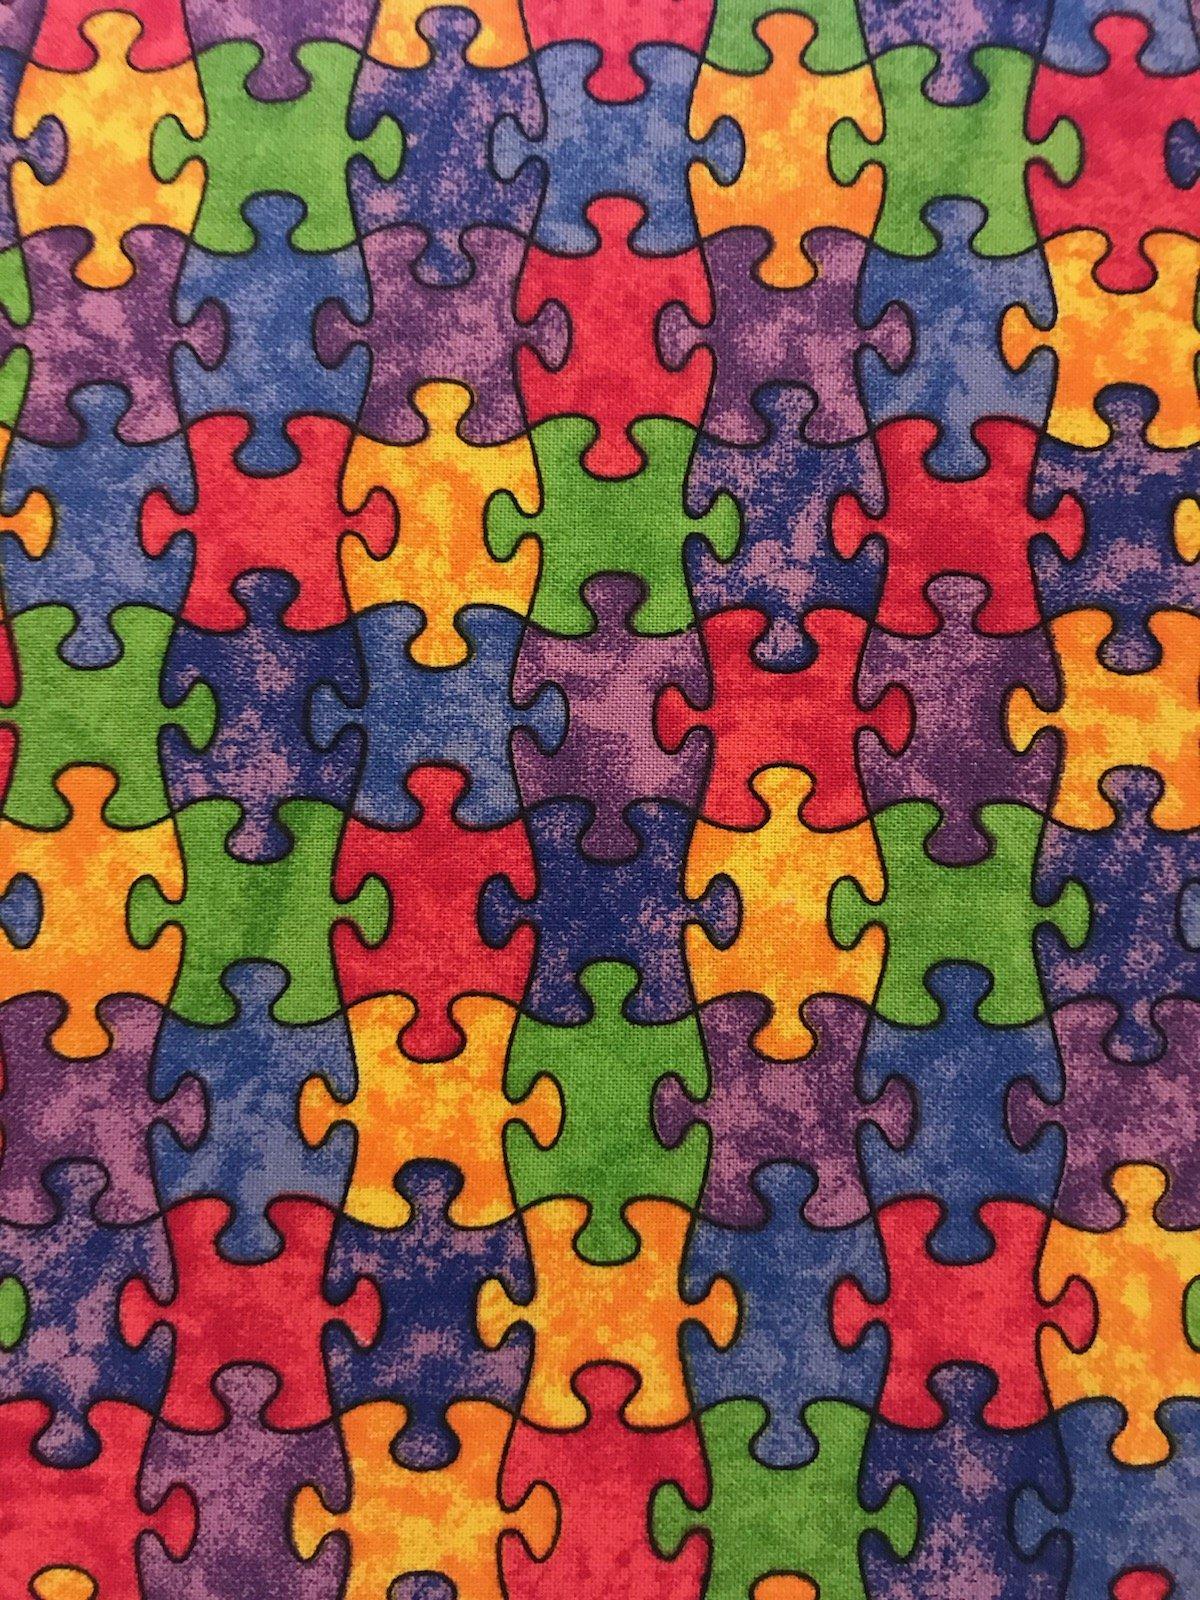 Puzzle Pieces 14342 Multi